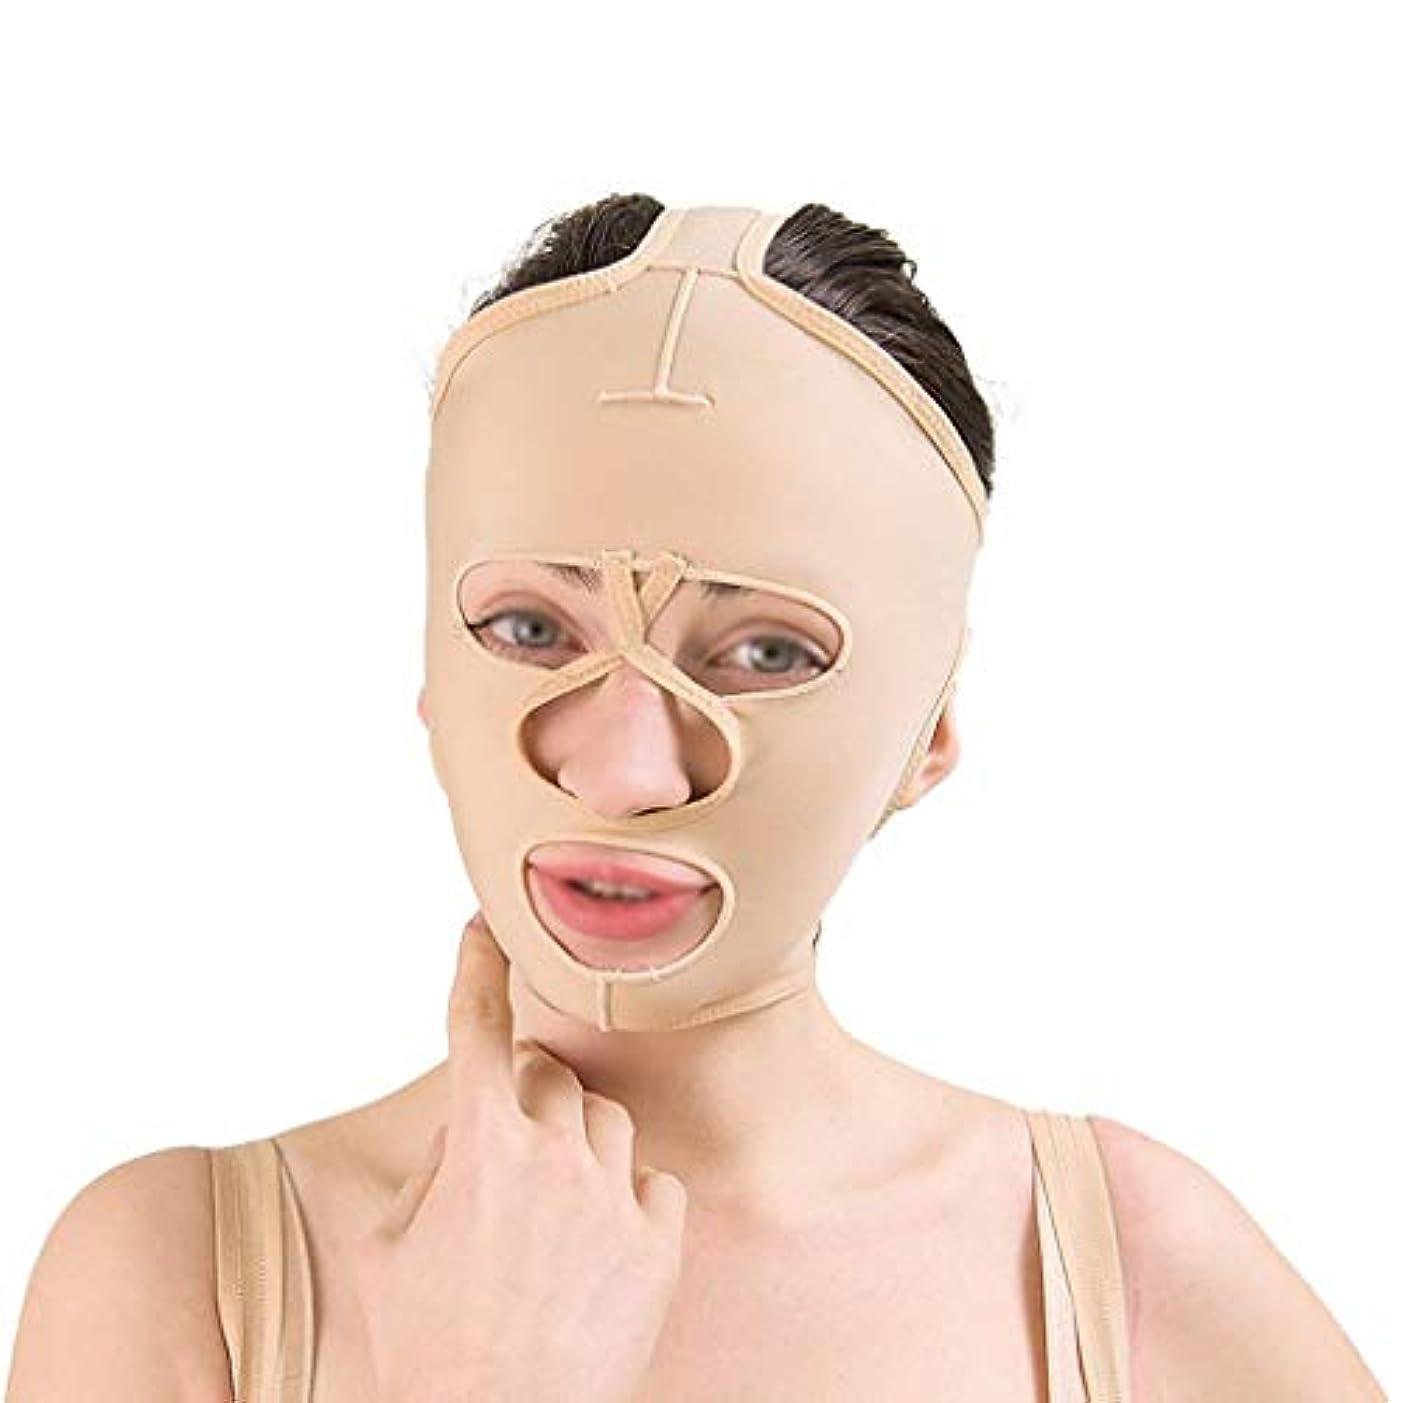 スーパー博覧会記念日フェイシャルリフティングツール、フェイシャルビューティーリフティングマスク、通気性引き締めリフティングフェイシャル包帯、フェイシャルタイトバンデージ(サイズ:L),S